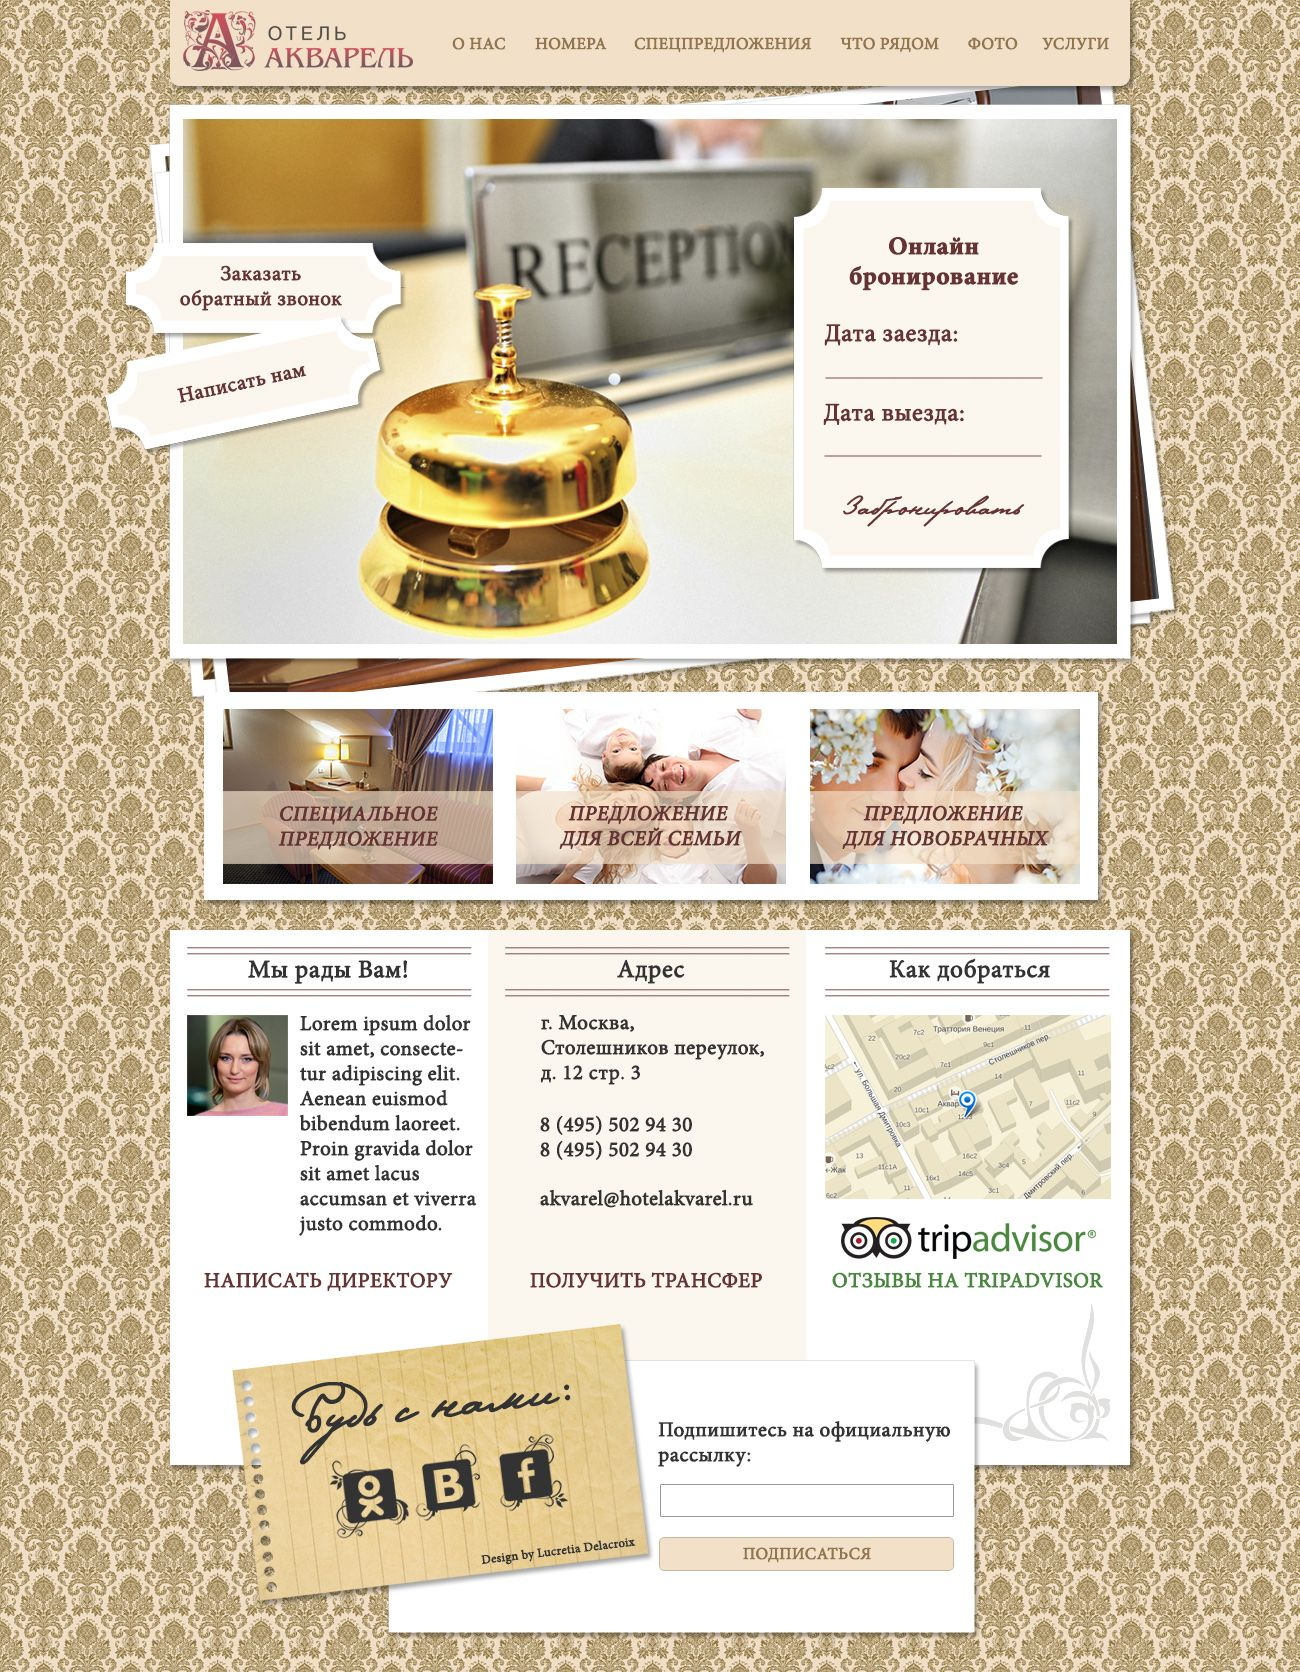 Дизайн сайта отеля - дизайнер DeLucr